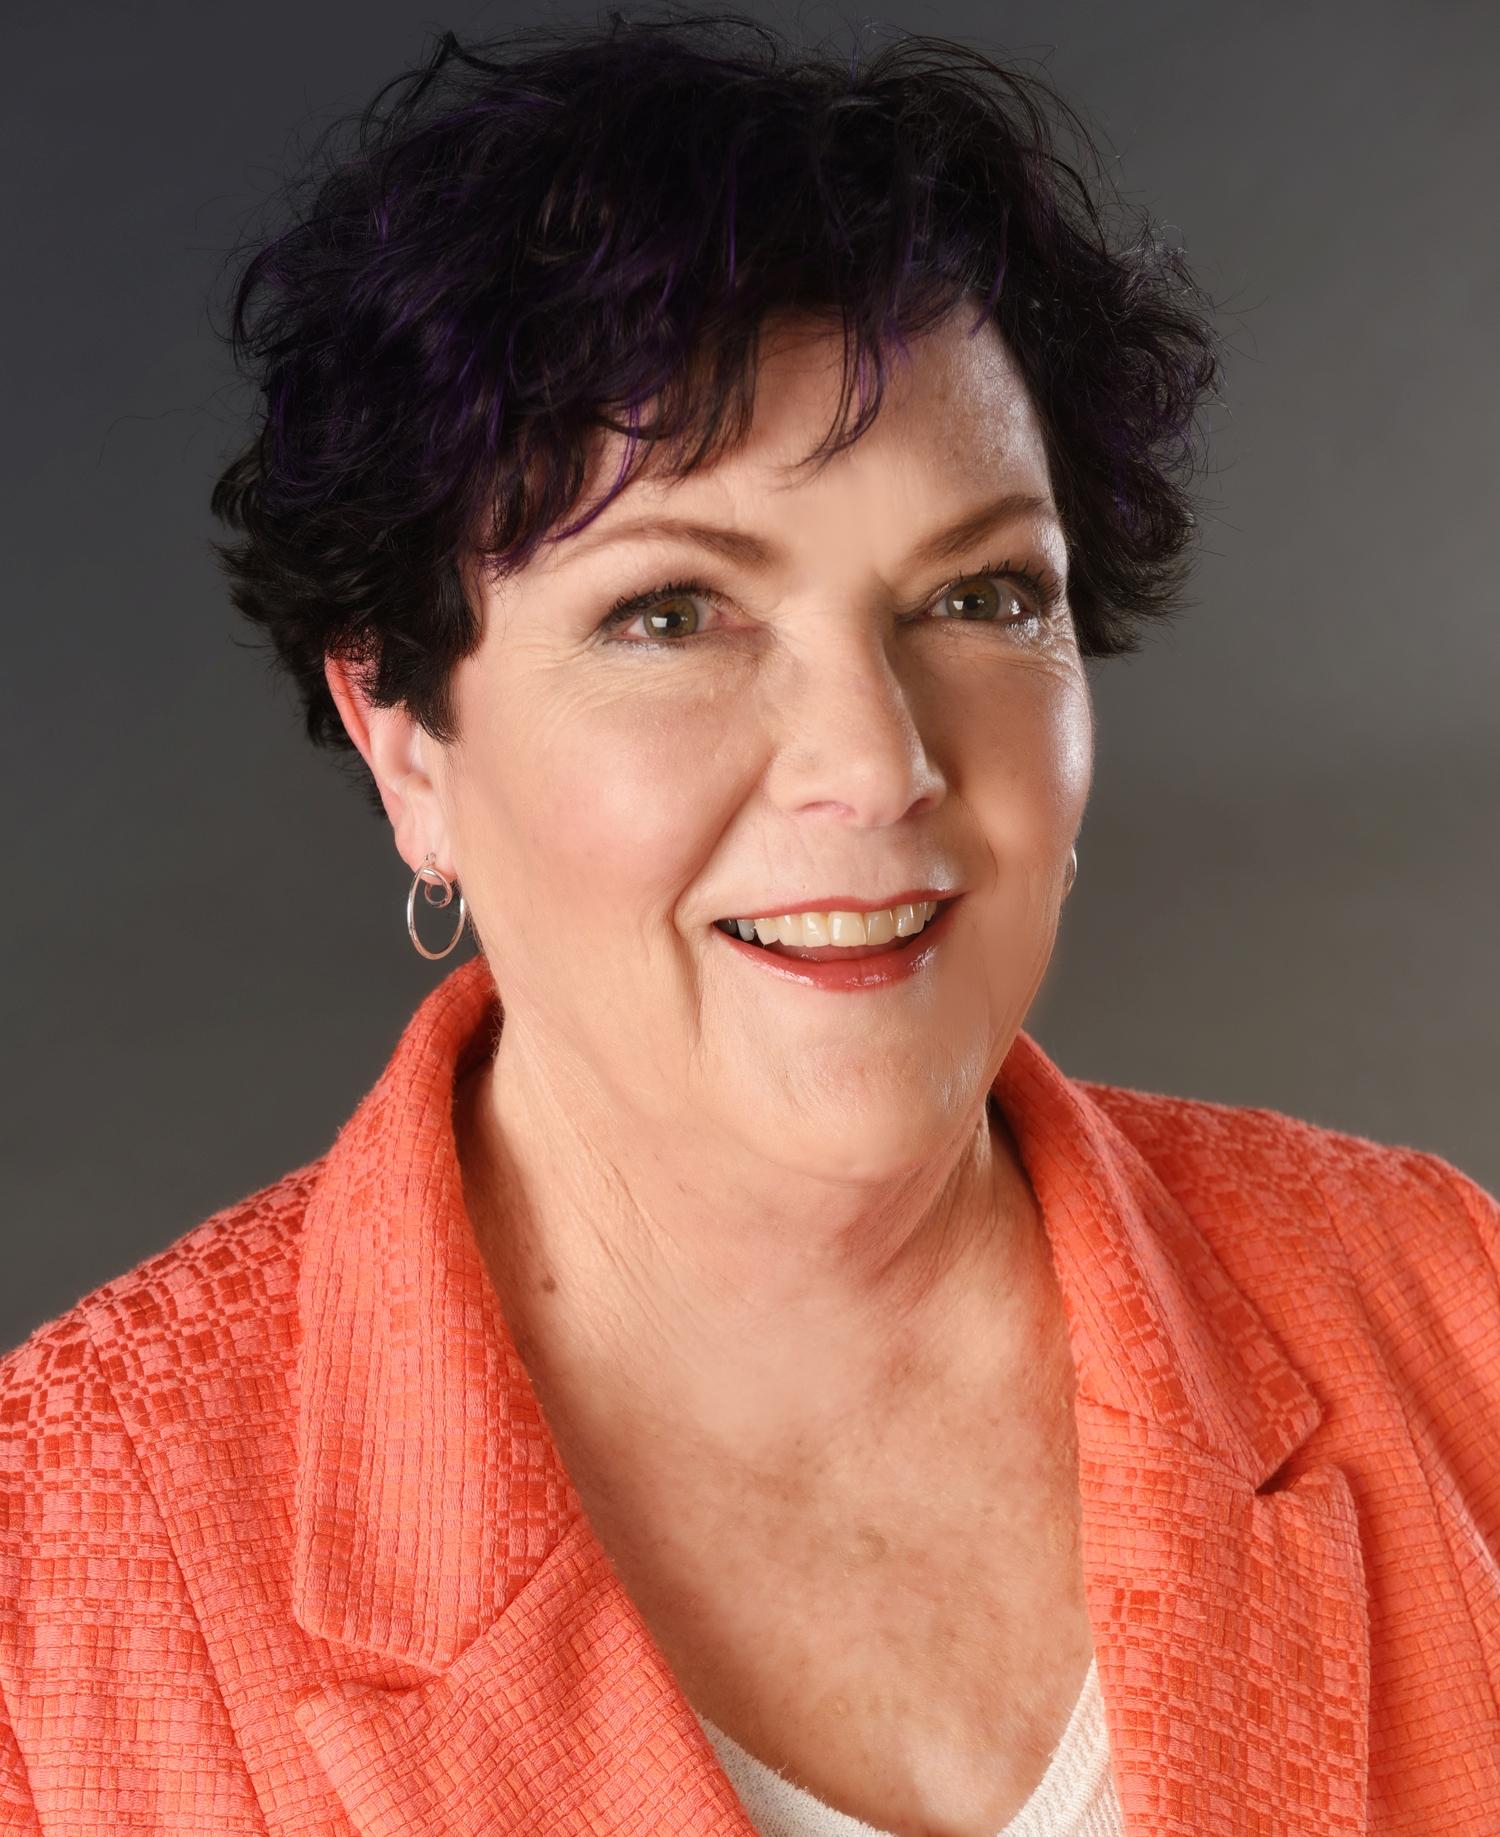 Cathy Cardas